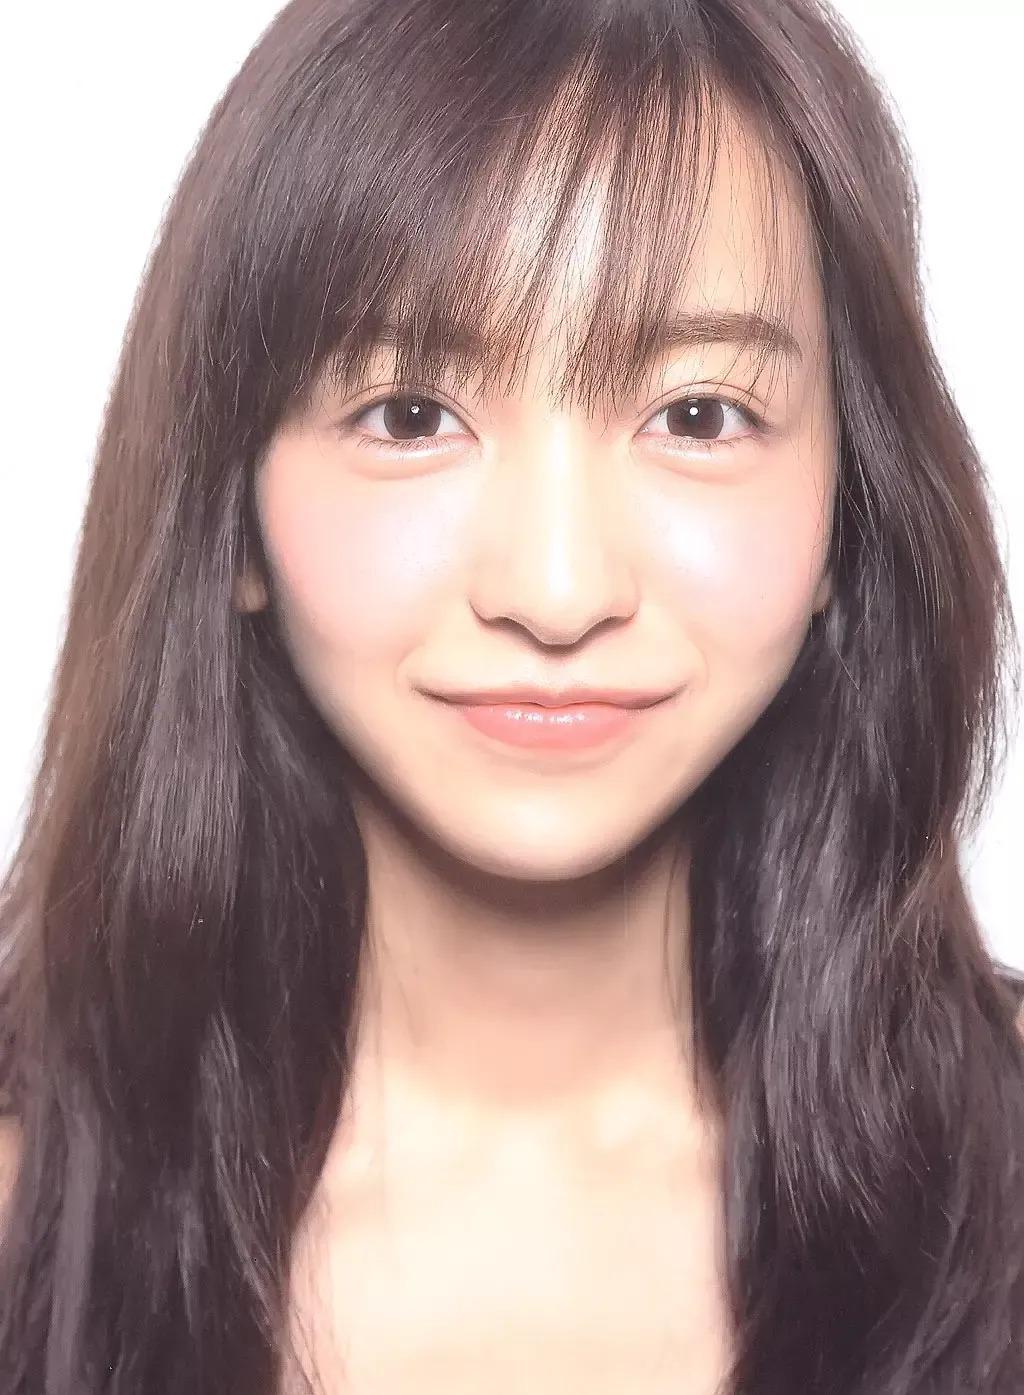 日本AKB48初代神7之一的板野友美突然闪婚,丈夫居然还比自己小6岁 (6)